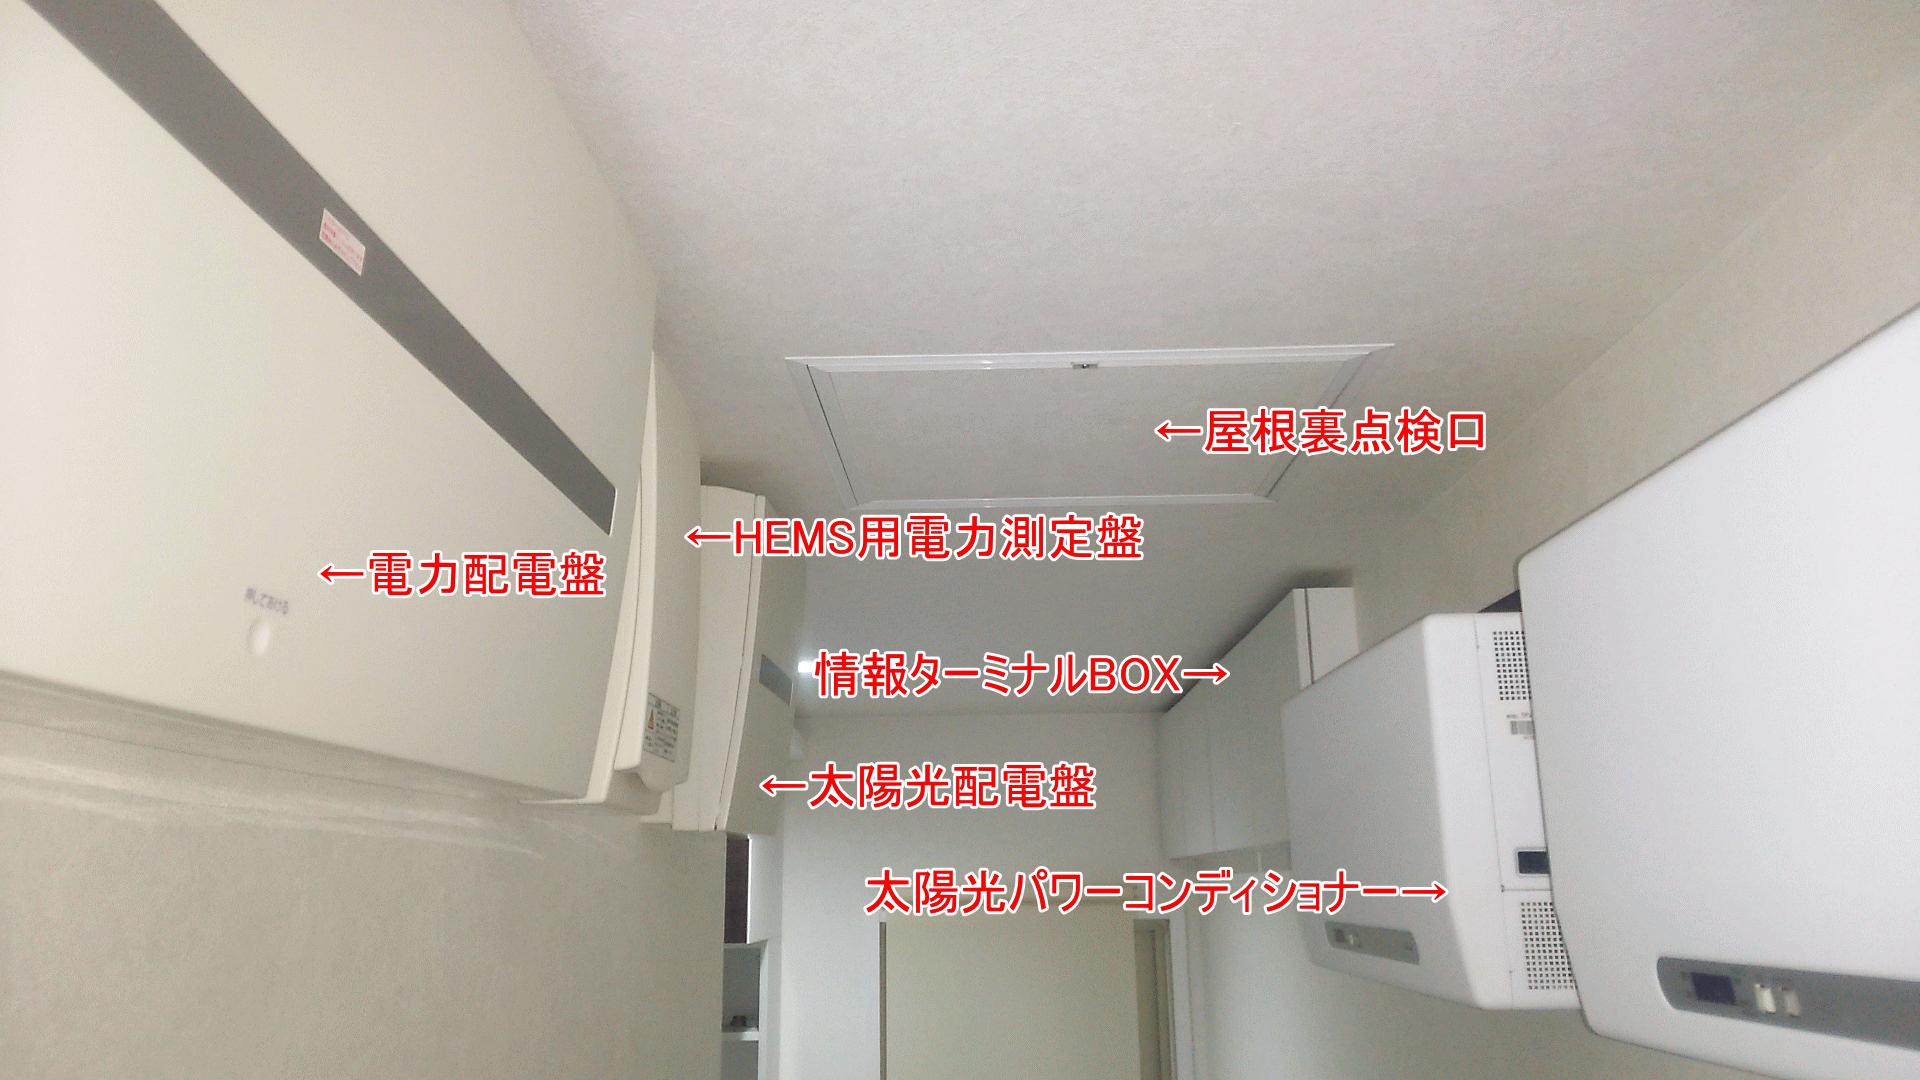 info_box